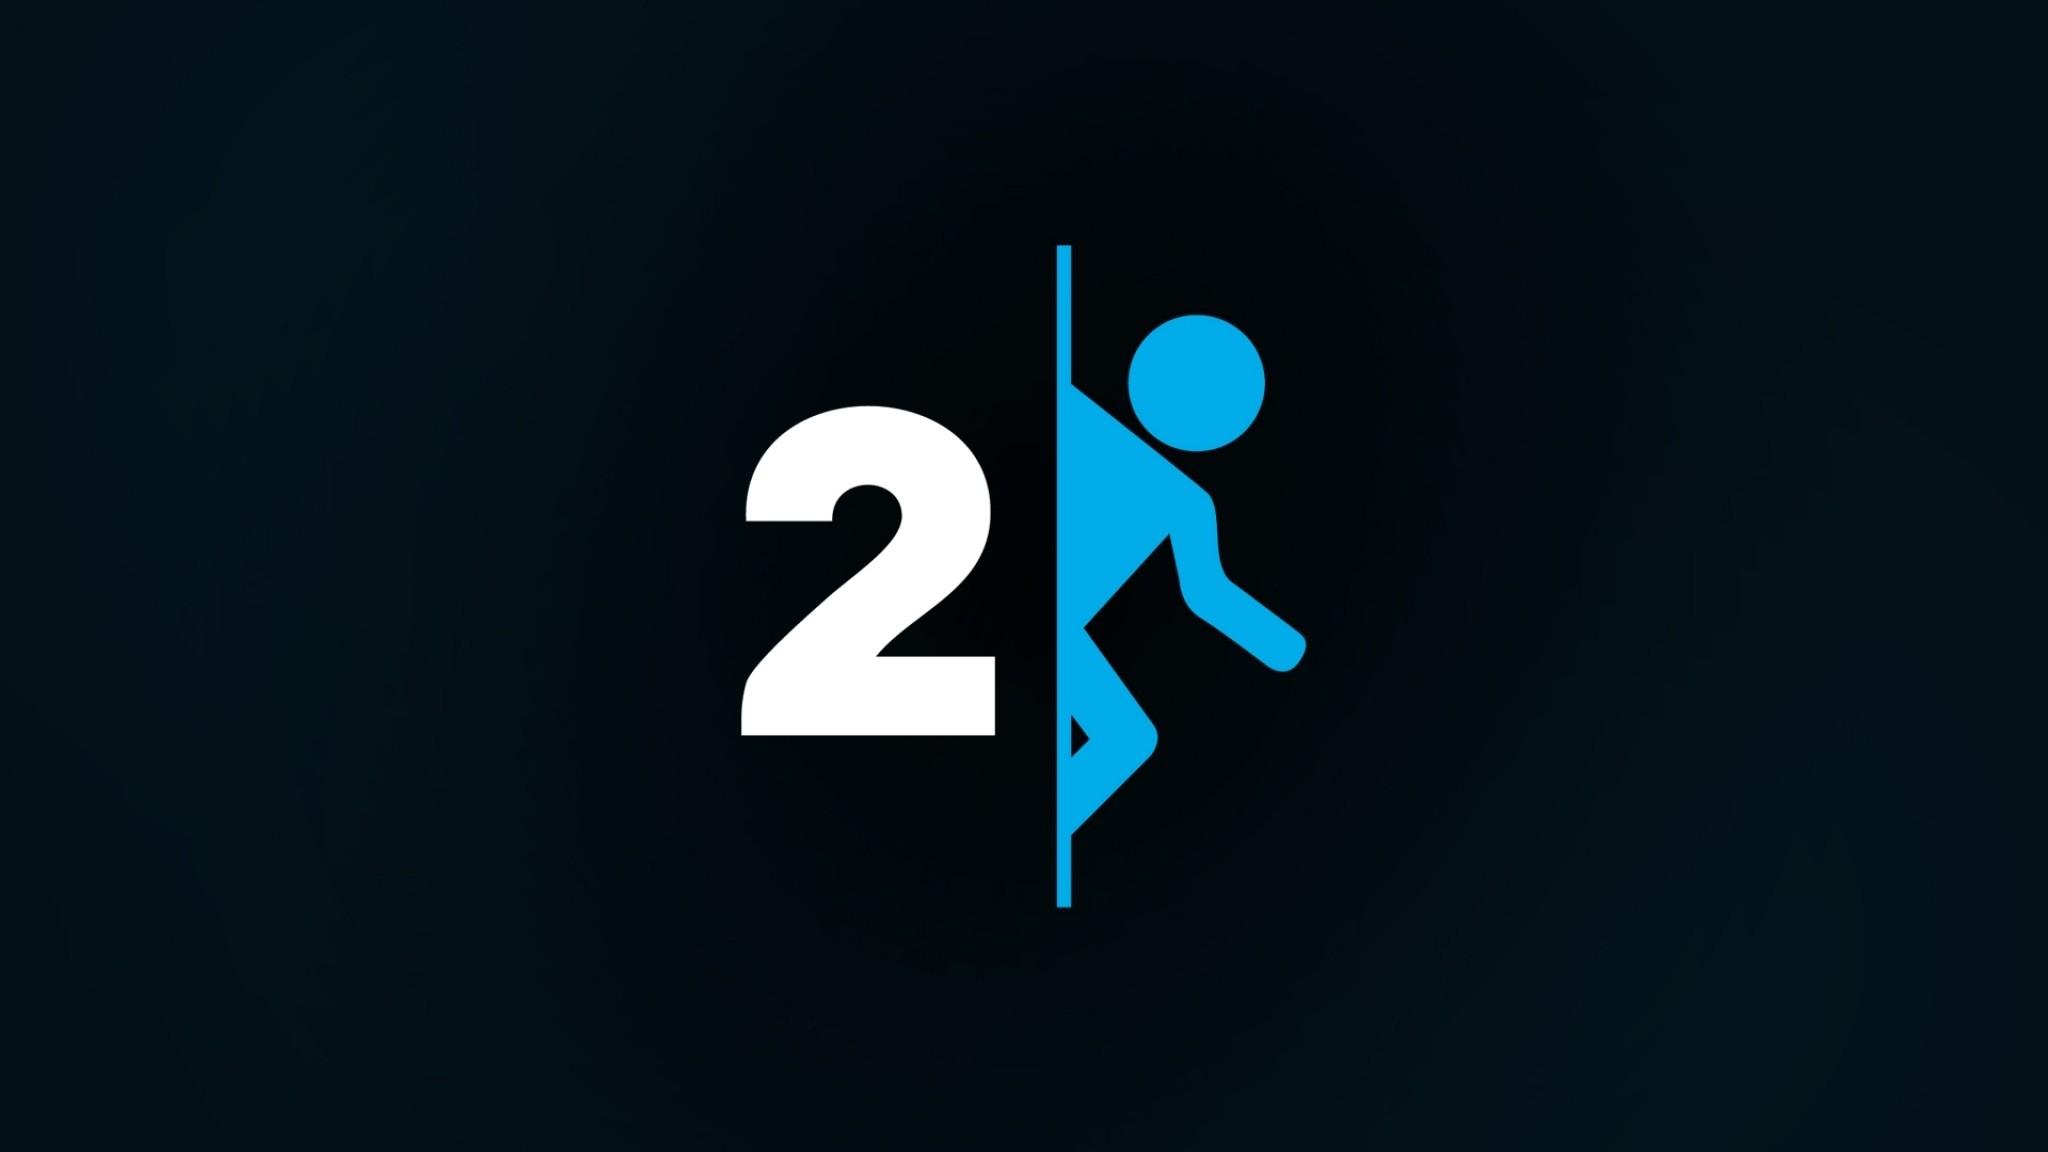 Preview wallpaper portal 2, logo, human, black 2048×1152